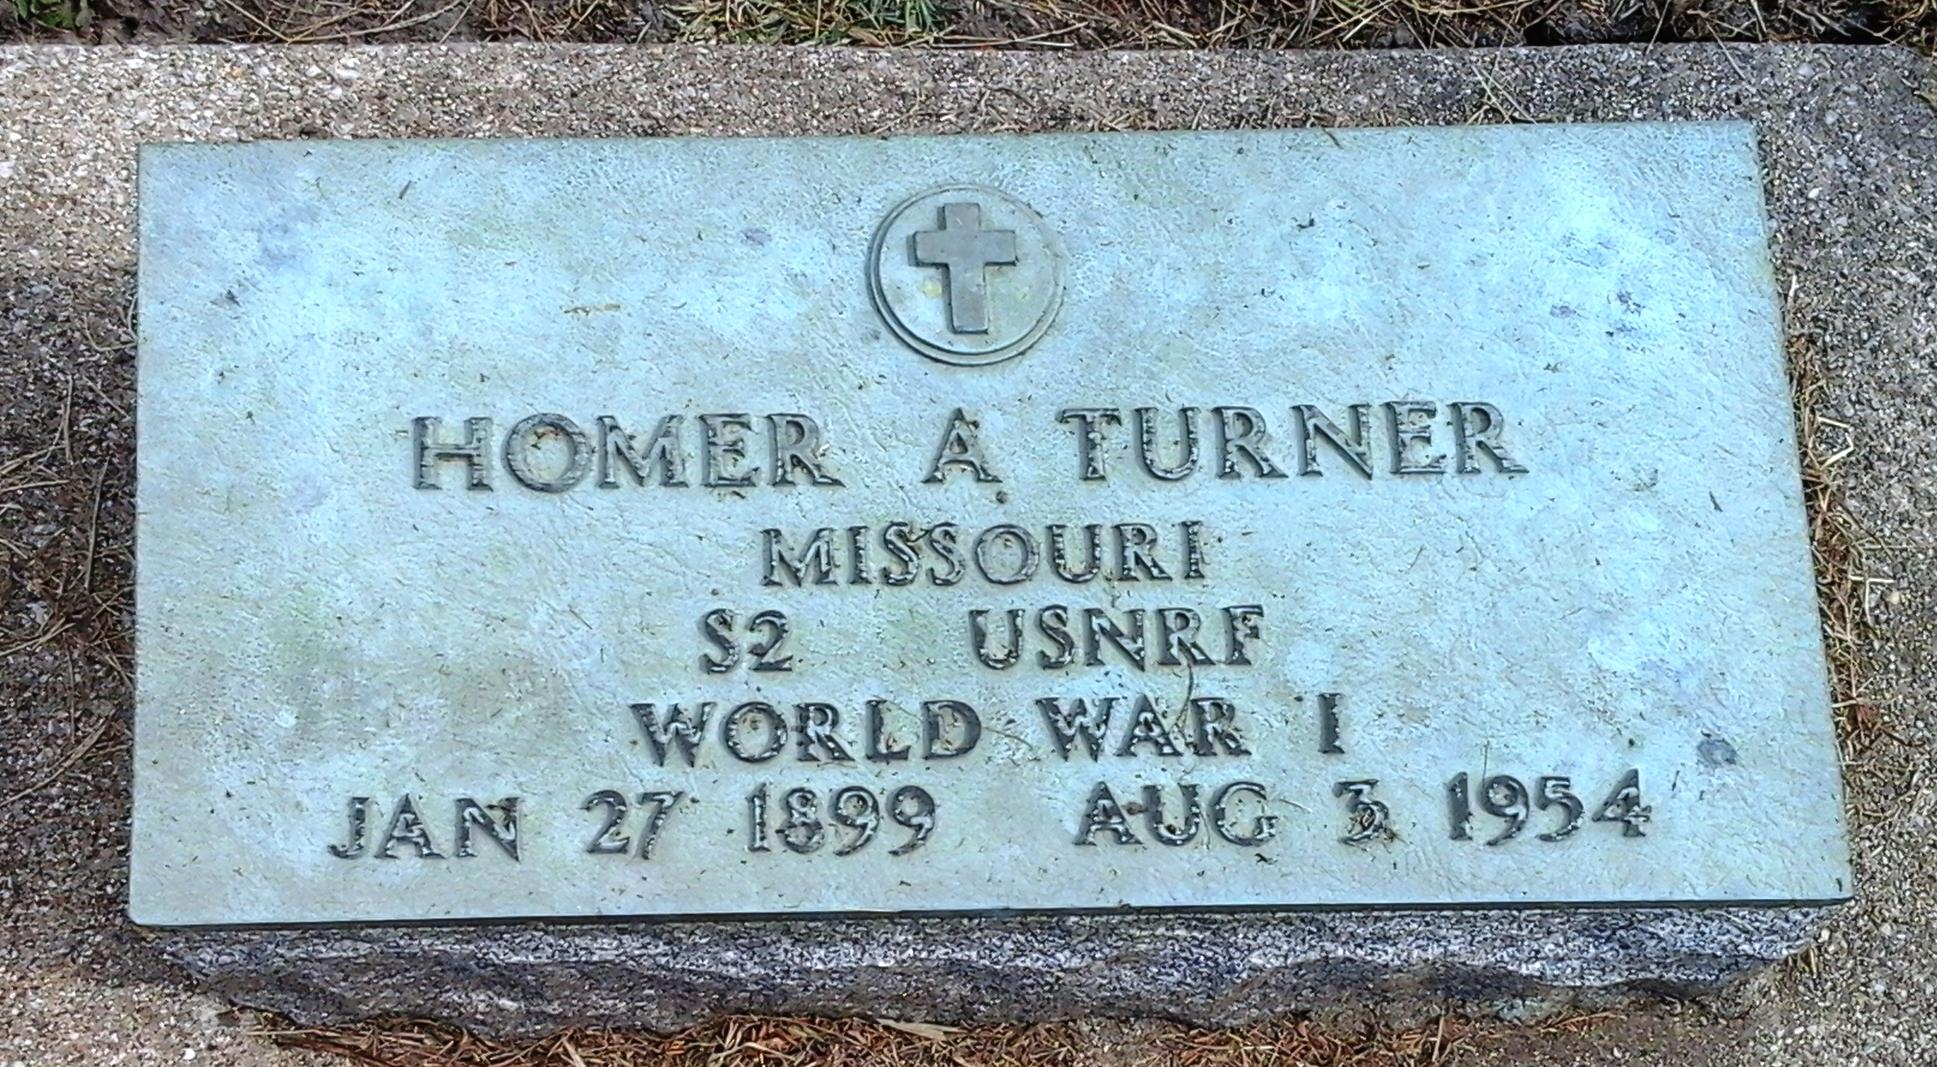 Homer Alfred Turner